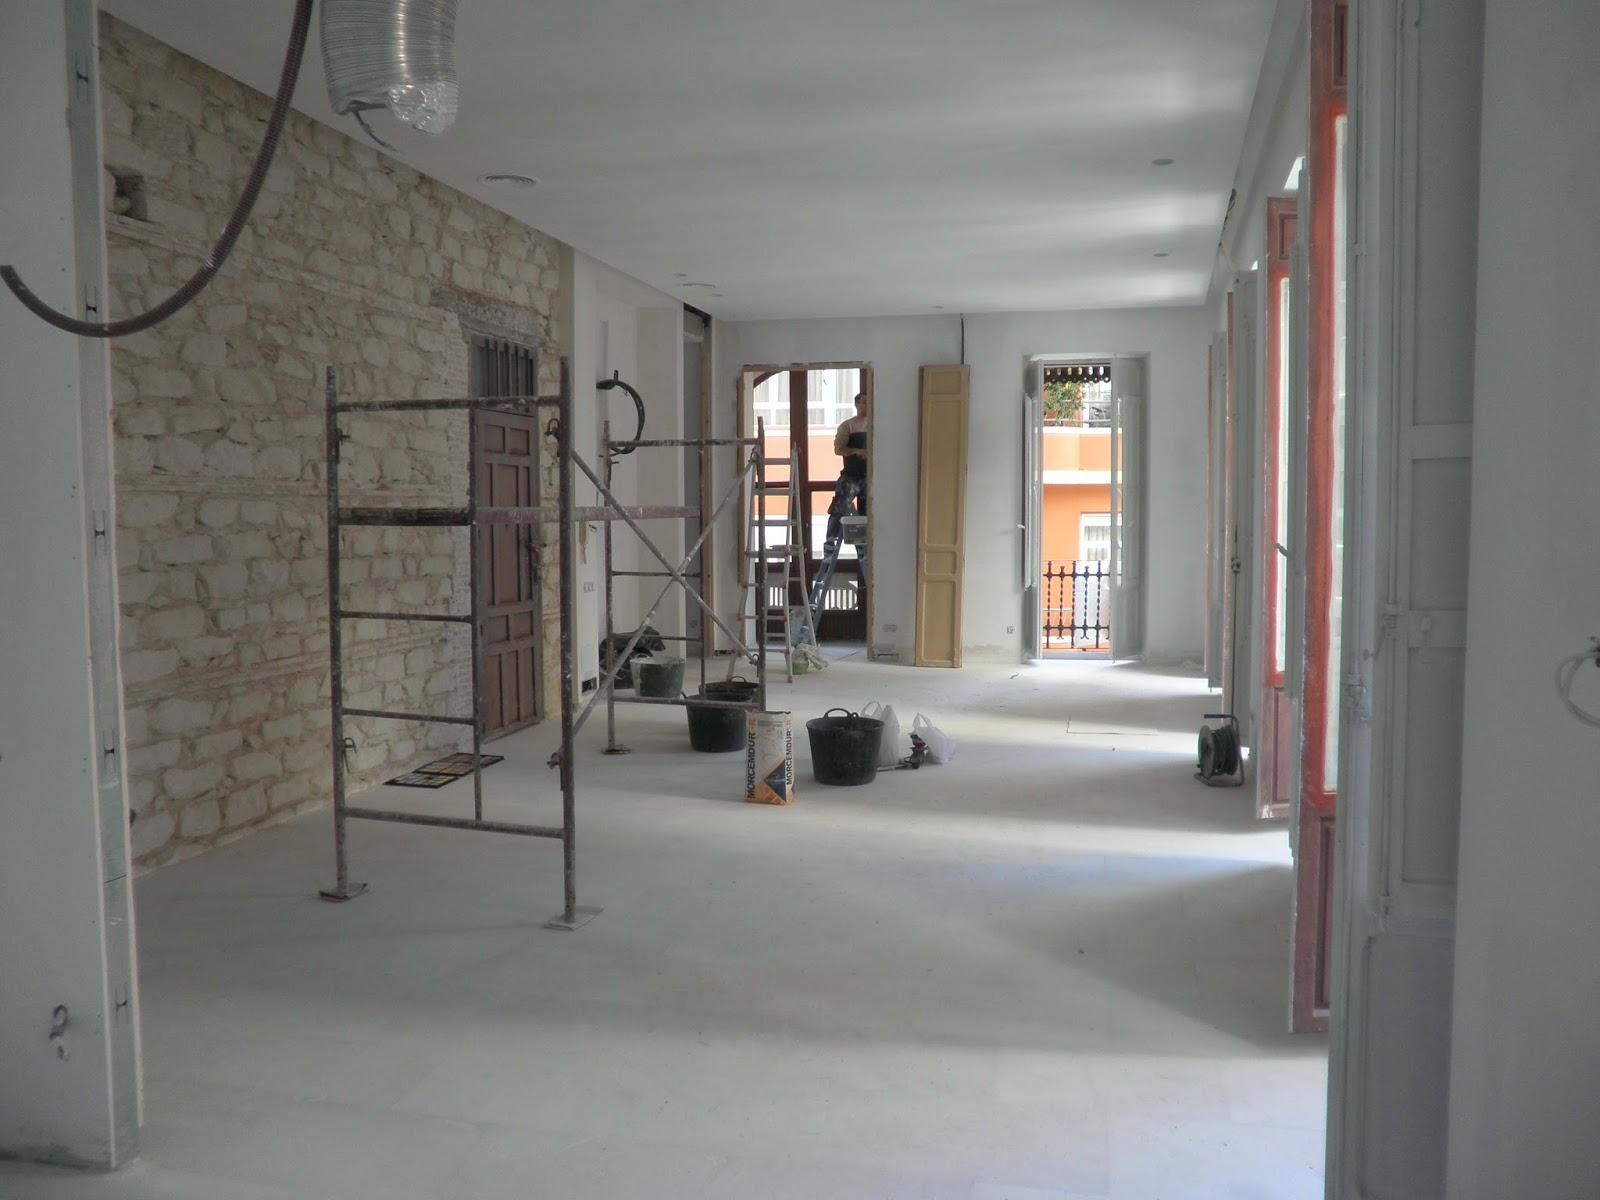 Reformas integrales de pisos - Reformas integrales en Zaragoza ...